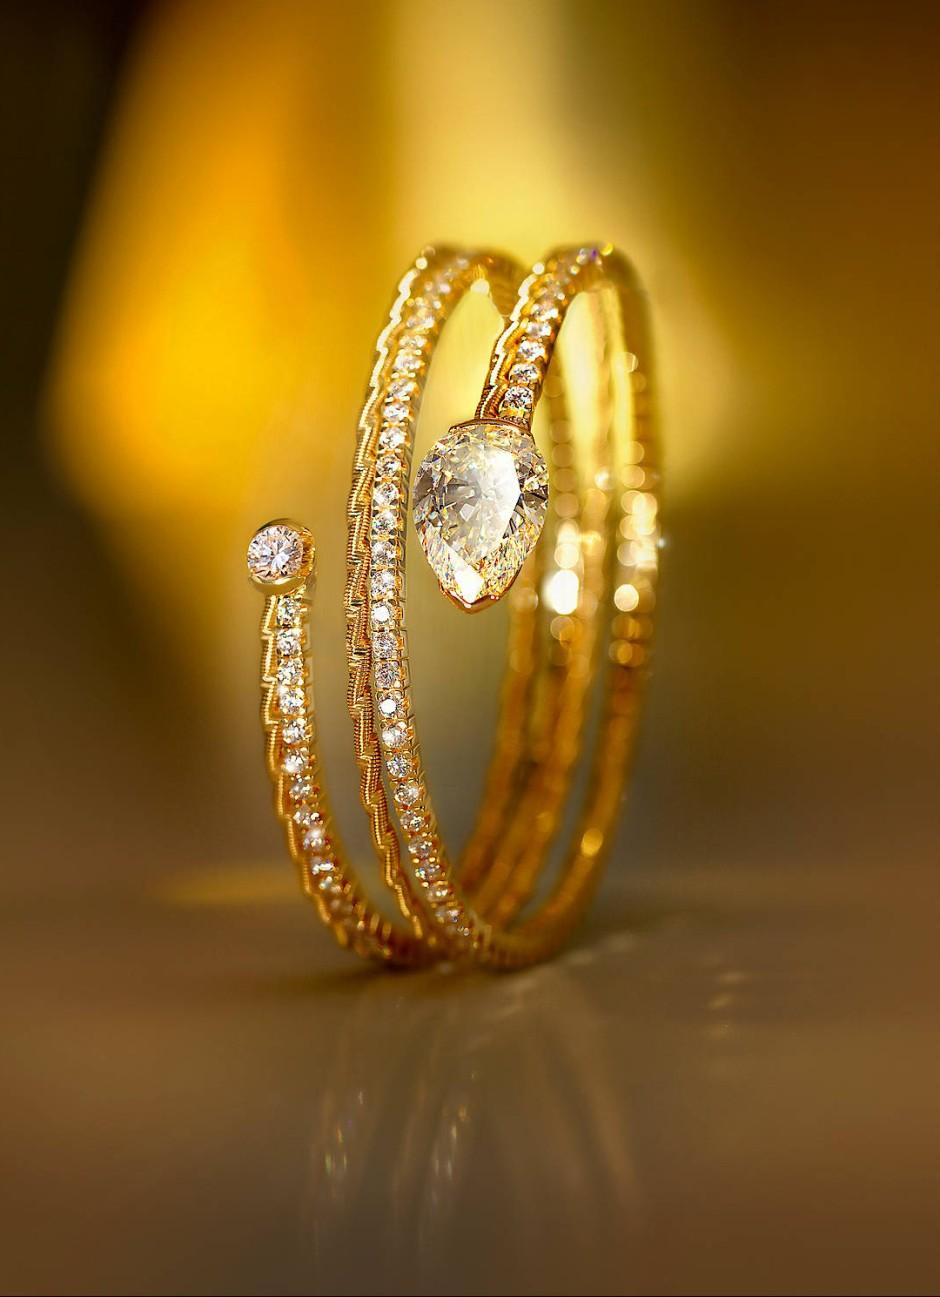 Edles Einzelstück: Armband mit 141 Brillanten und einem Acht-Karat-Diamanten als Schlangenkopf